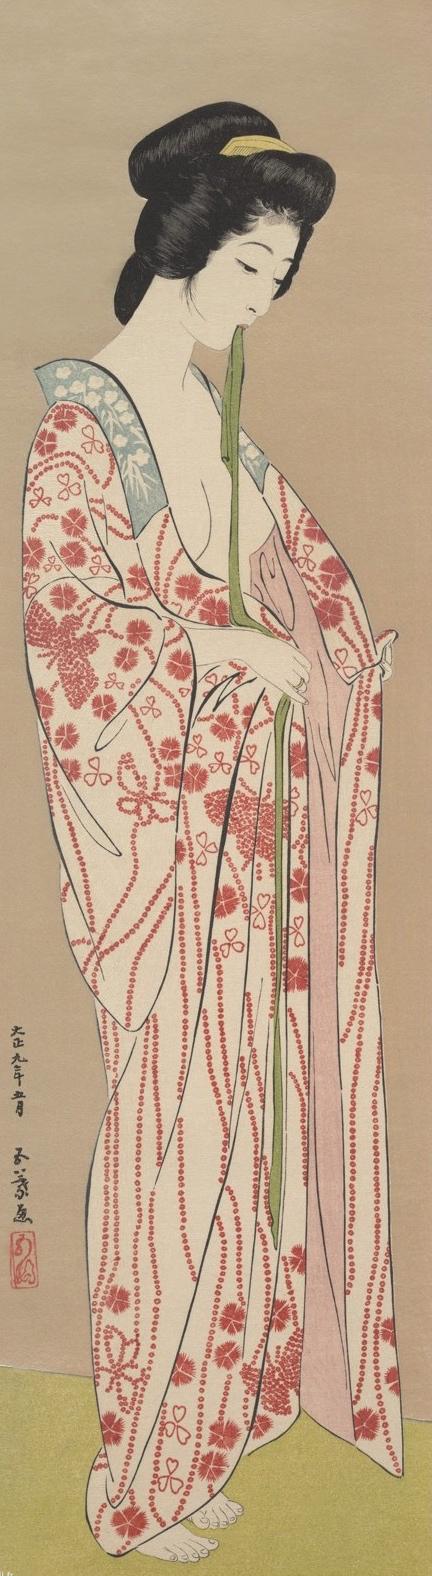 Femme en sous-kimono long| Hashiguchi Goyo.